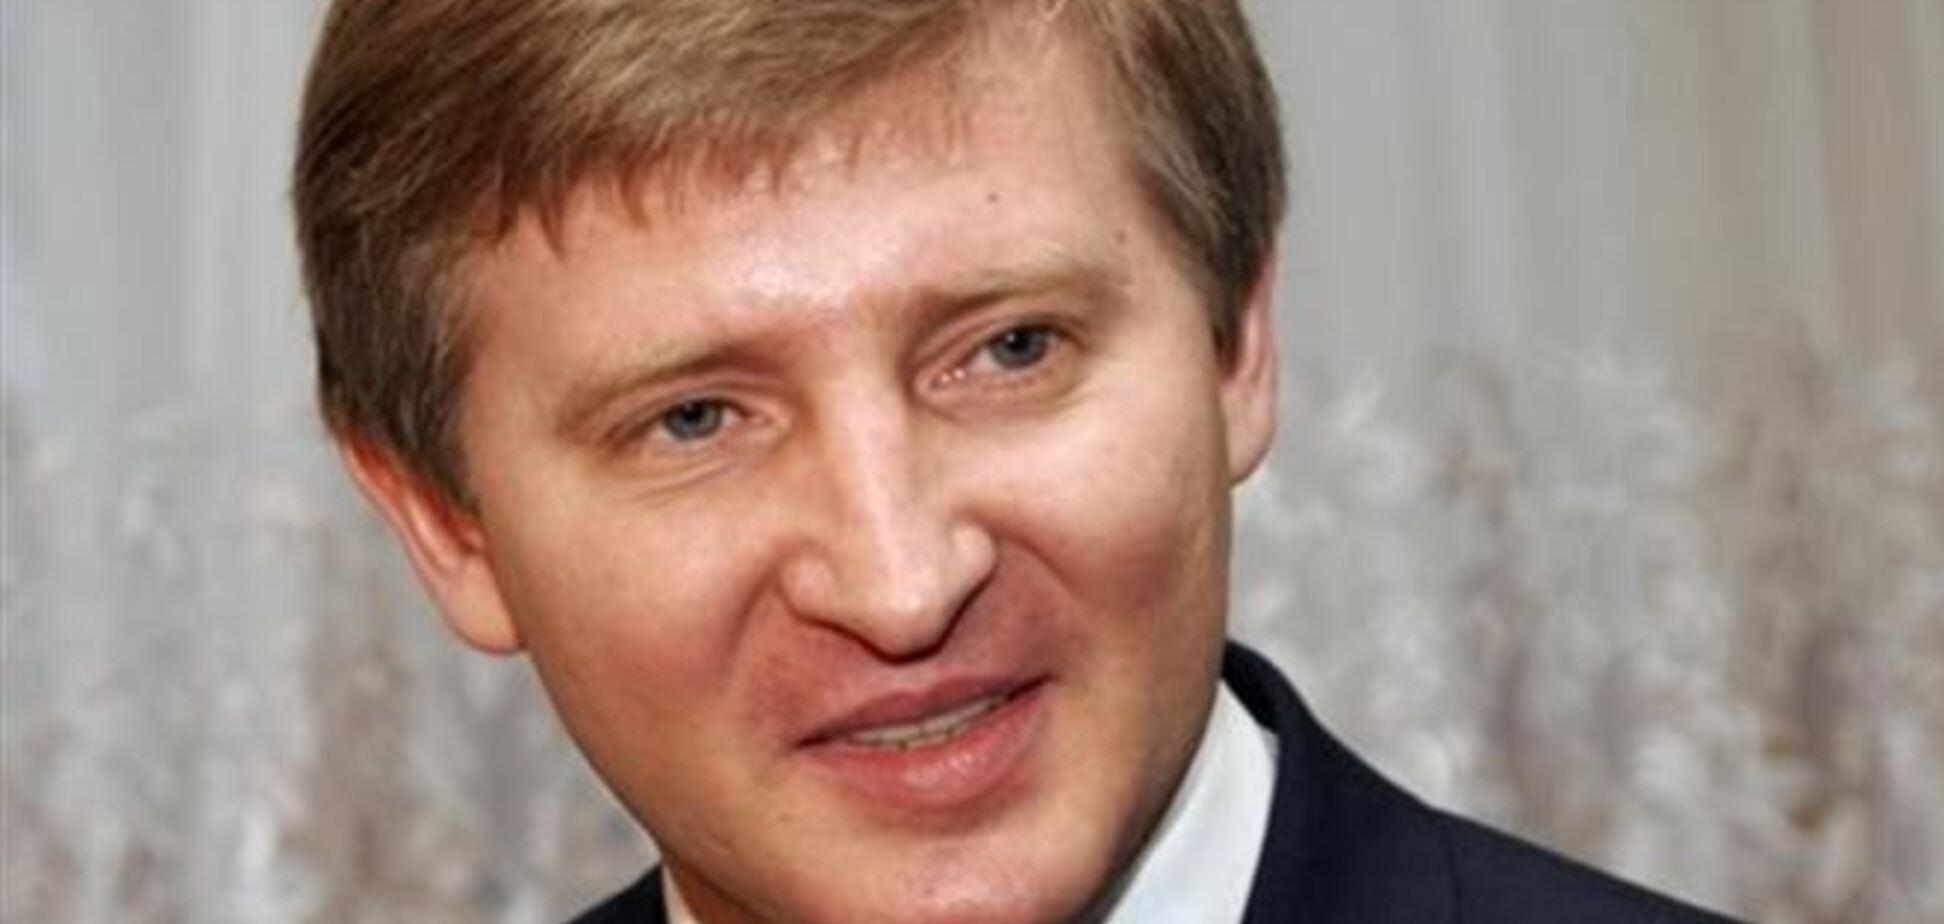 Ахметов призвал всех к переговорам: не нужно делить Украину